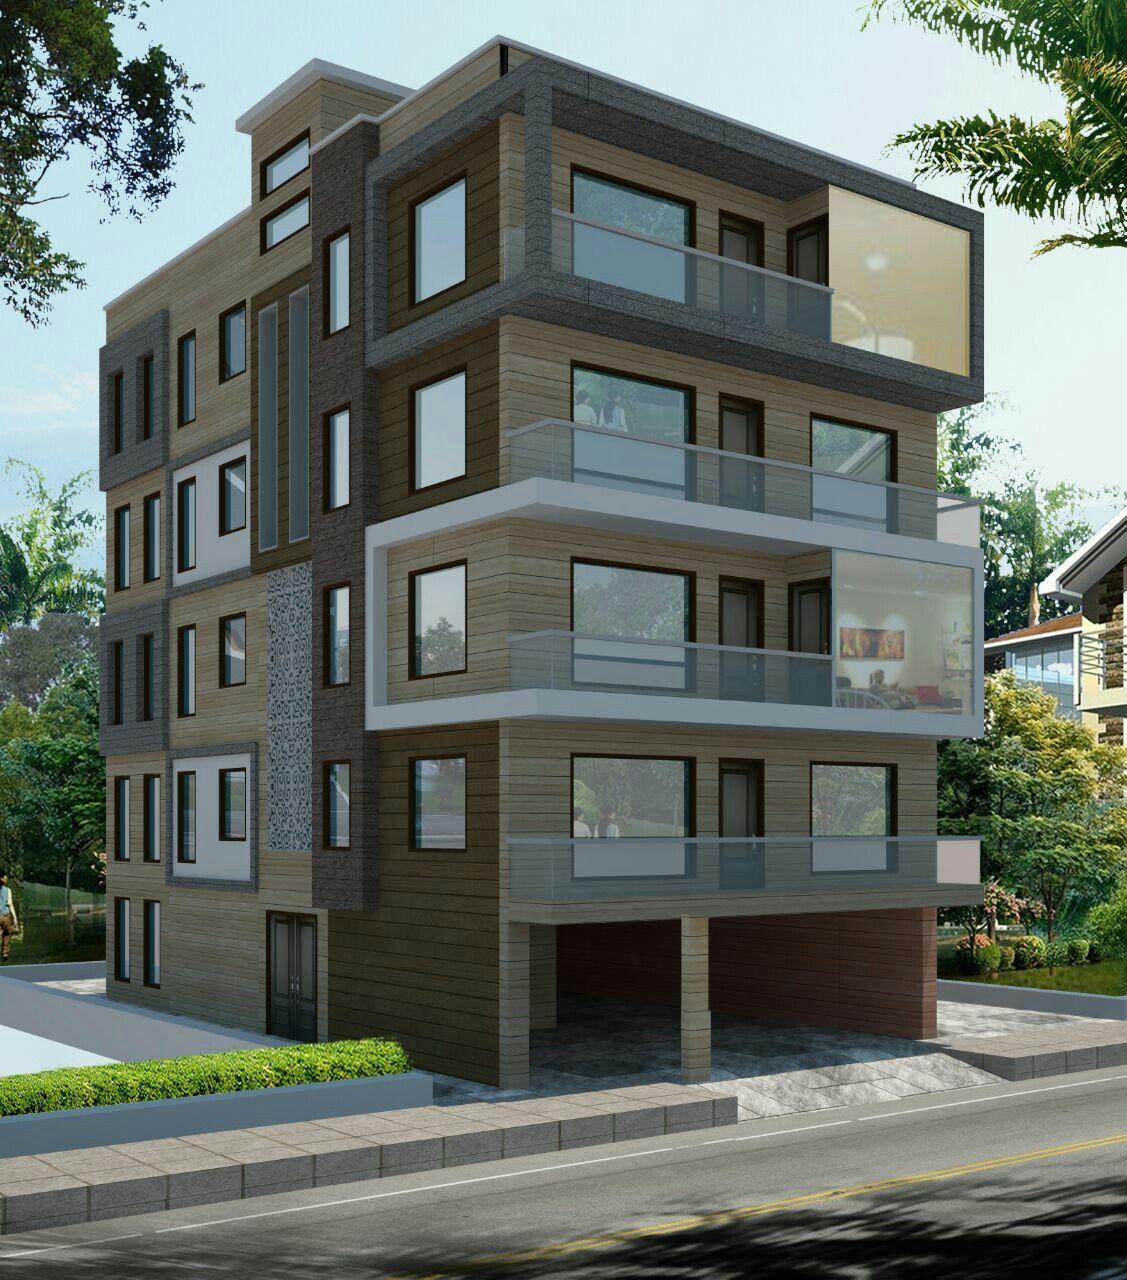 141576f194648659418ca30cd1b80696 - 25+ Small House Design In Delhi  Gif